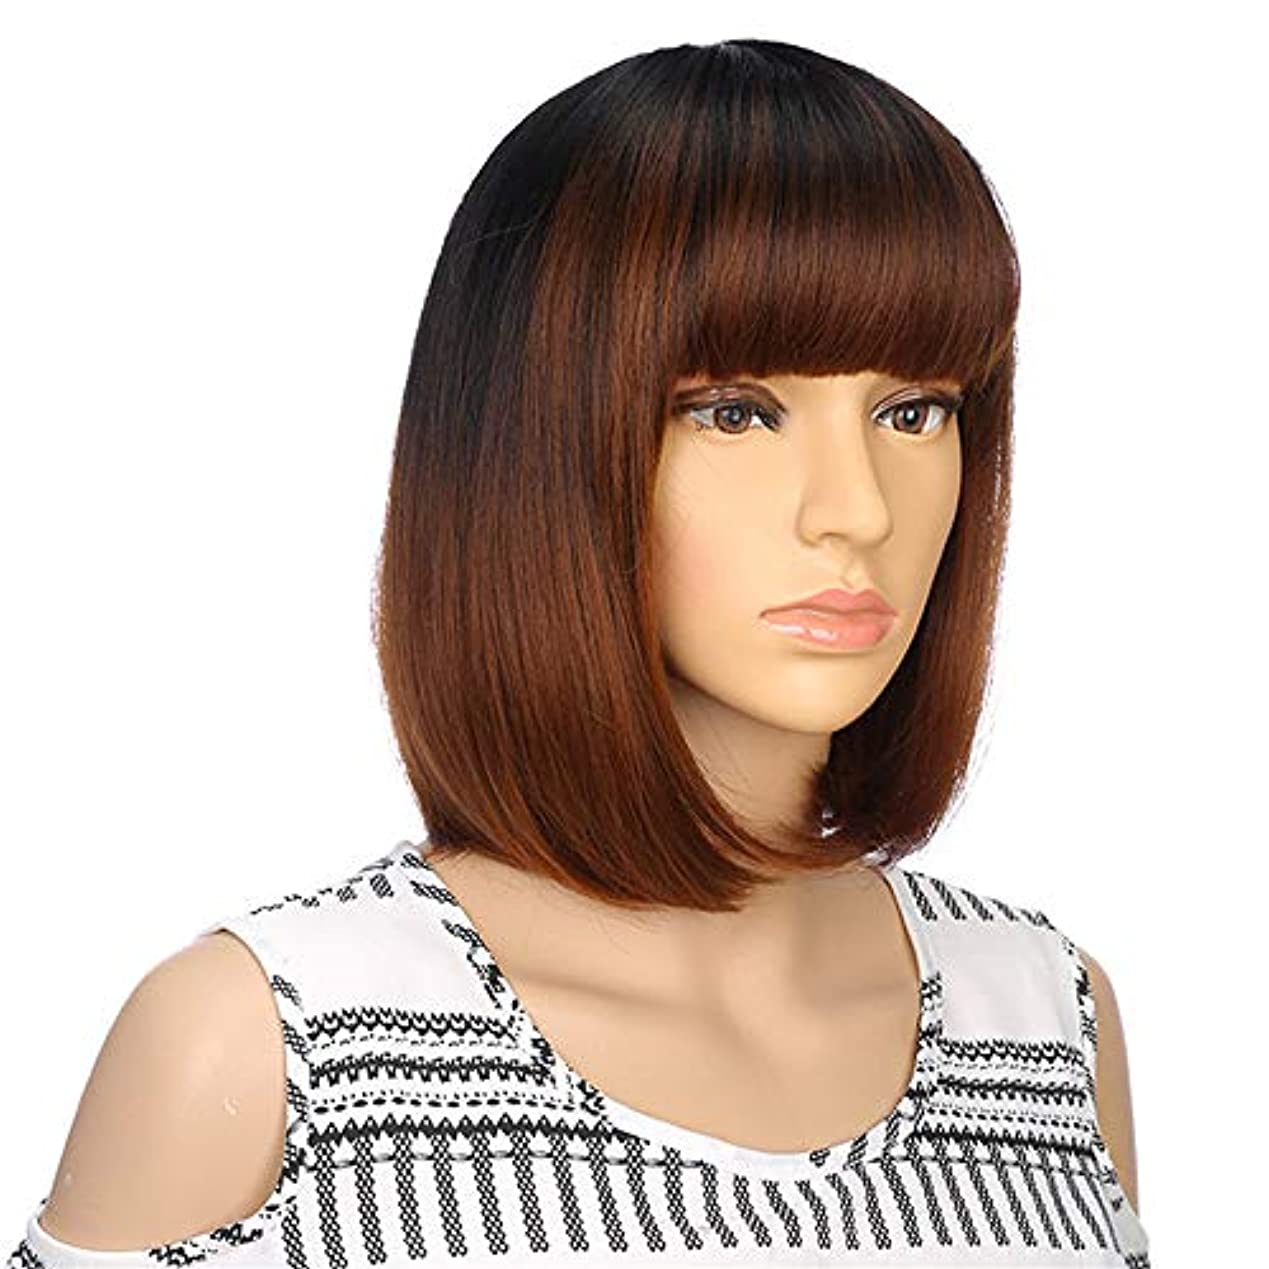 ファームシード忘れるヘアエクステンション合成ブラウンストレートウィッグ女性用前髪長ボブヘアウィッグ耐熱ヘアスタイルコスプレウィッグ13インチ